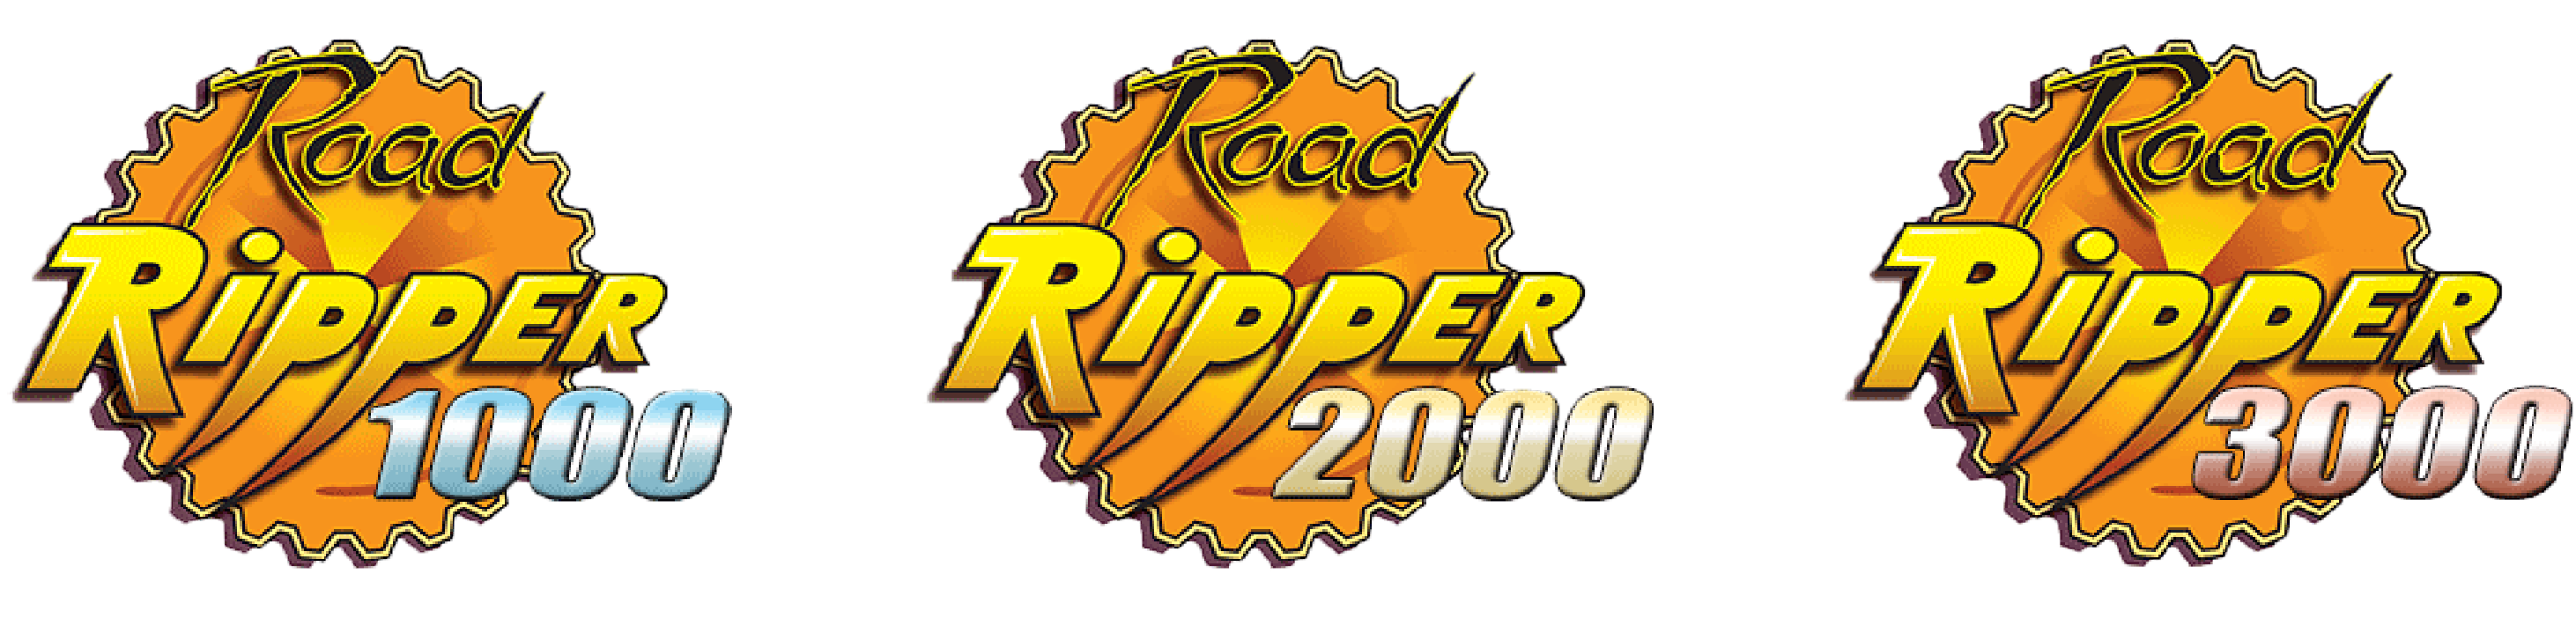 ripper logos